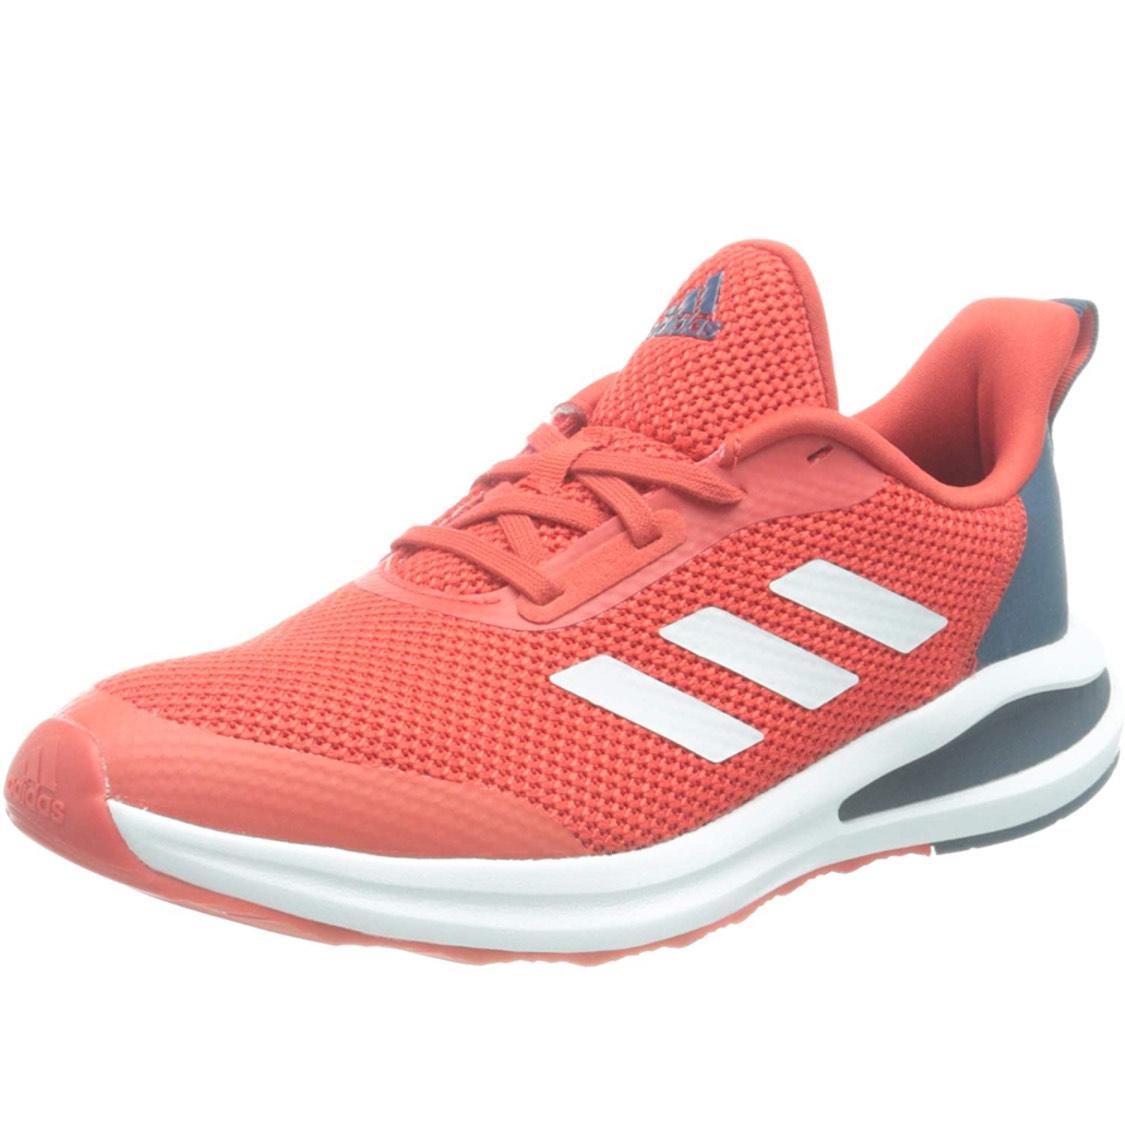 Zapatillas Adidas Fortarun K talla 39 1/3 EU